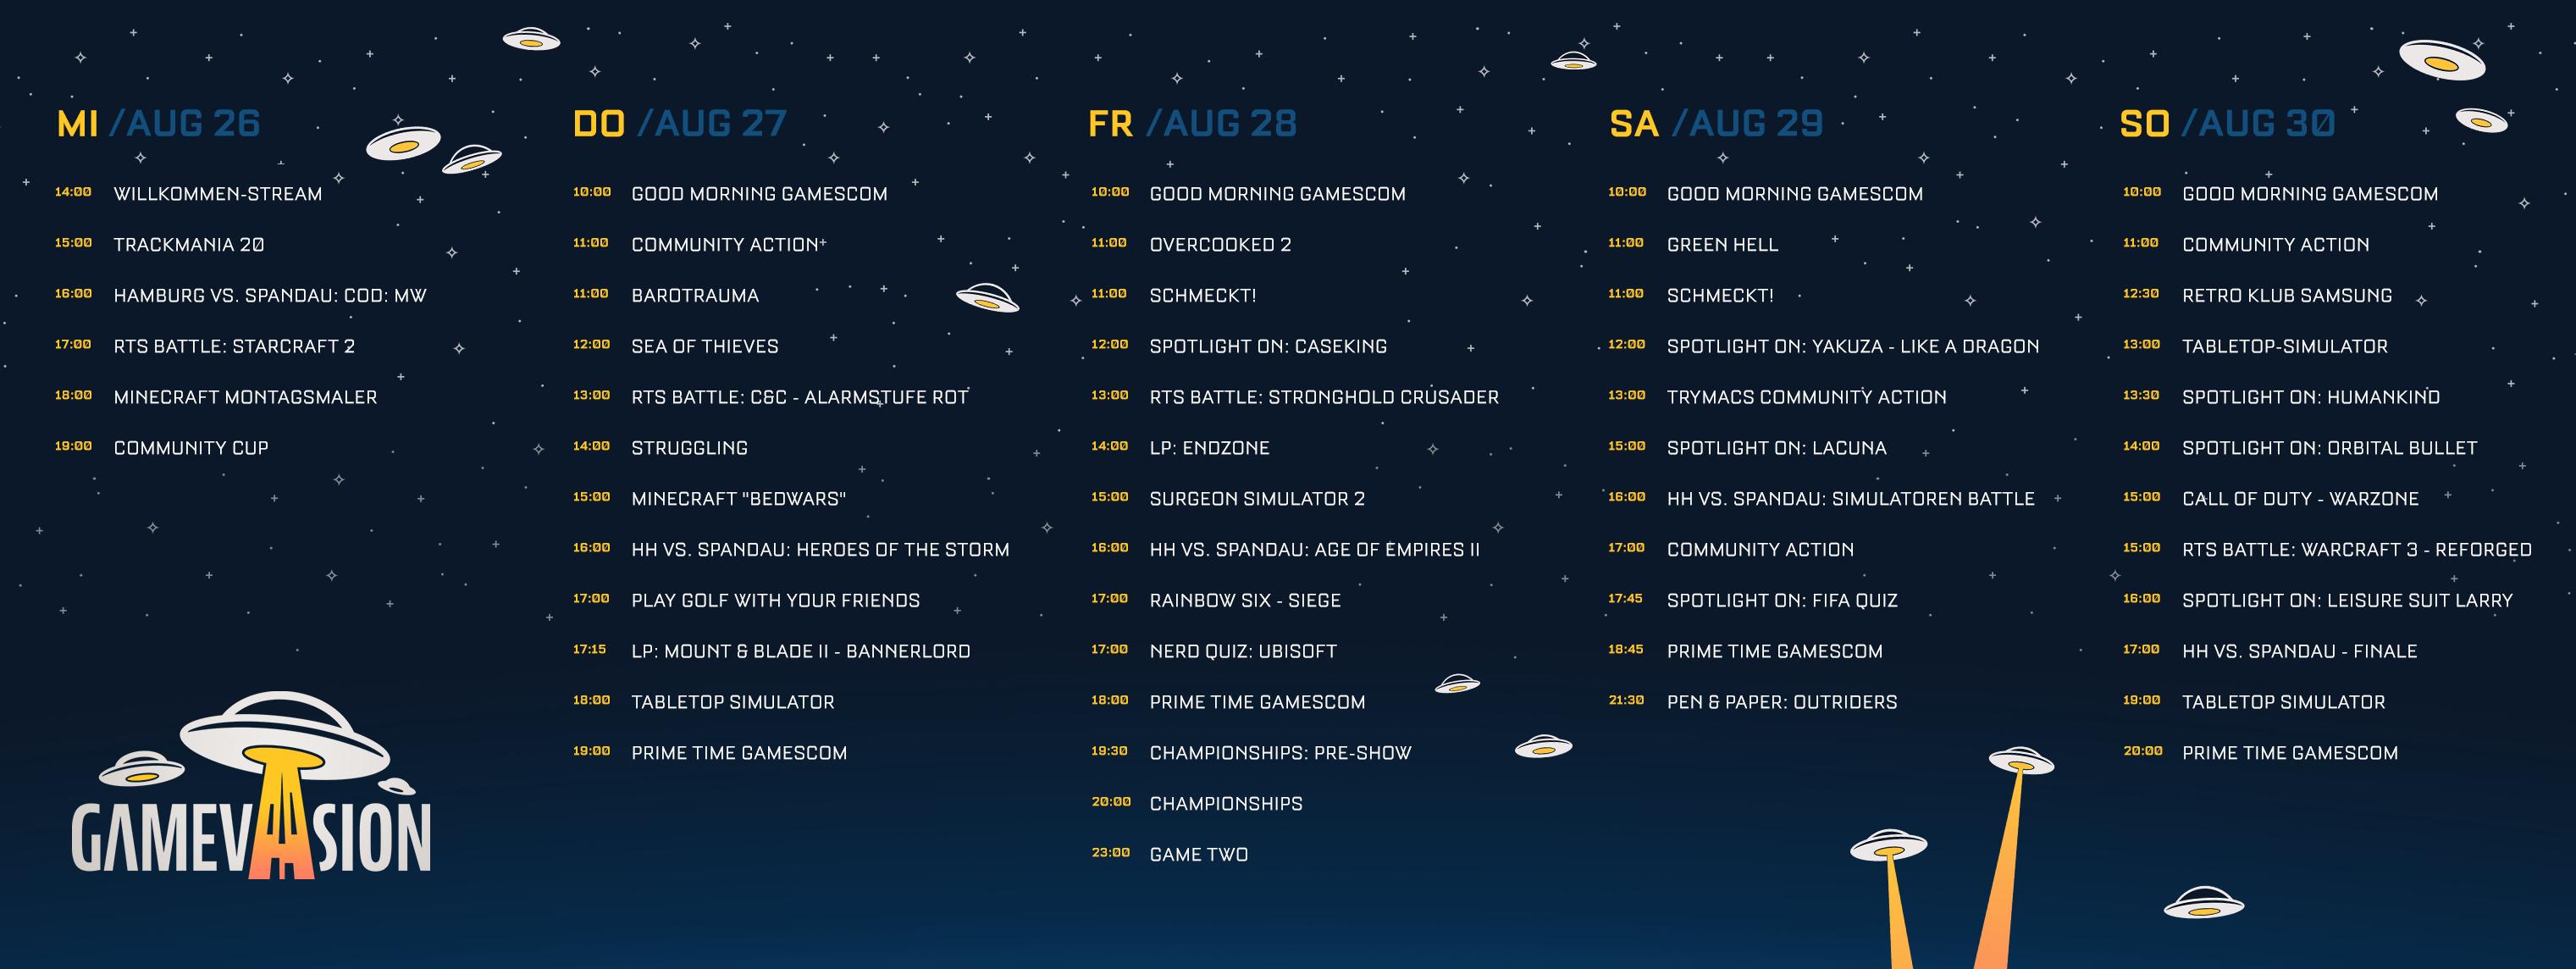 Gamevasion 2020 Schedule